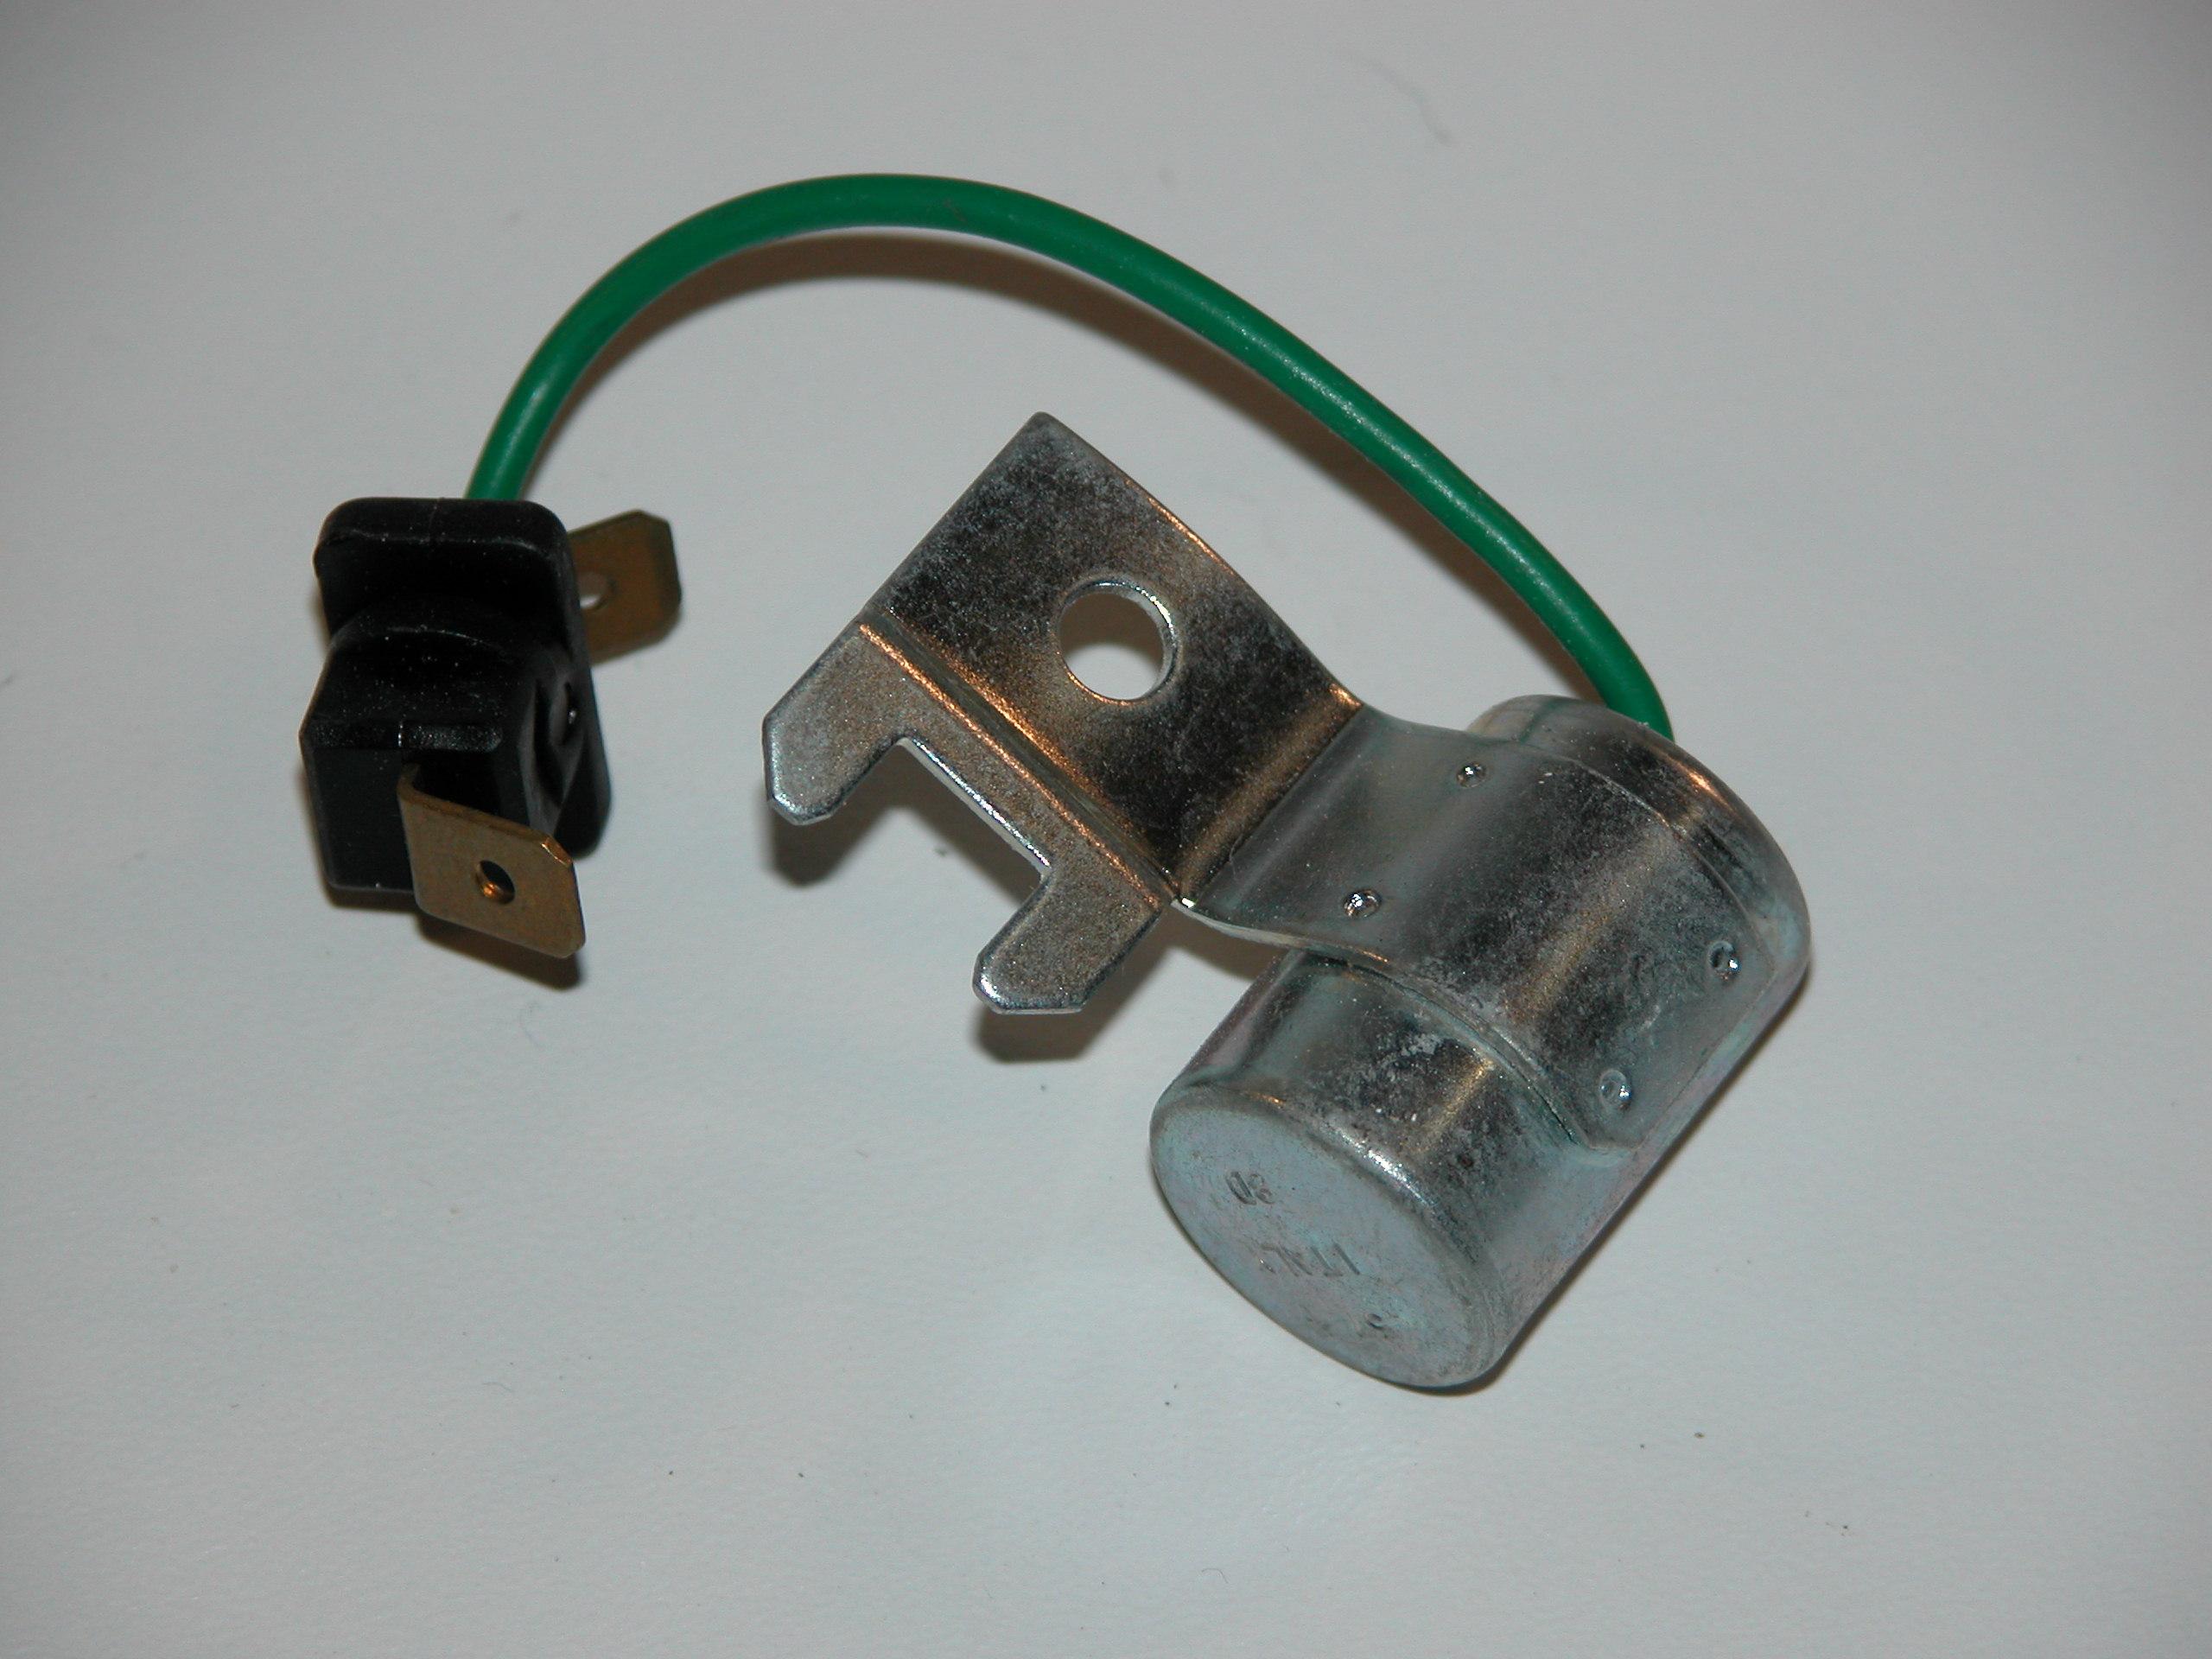 Kondensator für Unterbrecherzündung BMW R 2-V